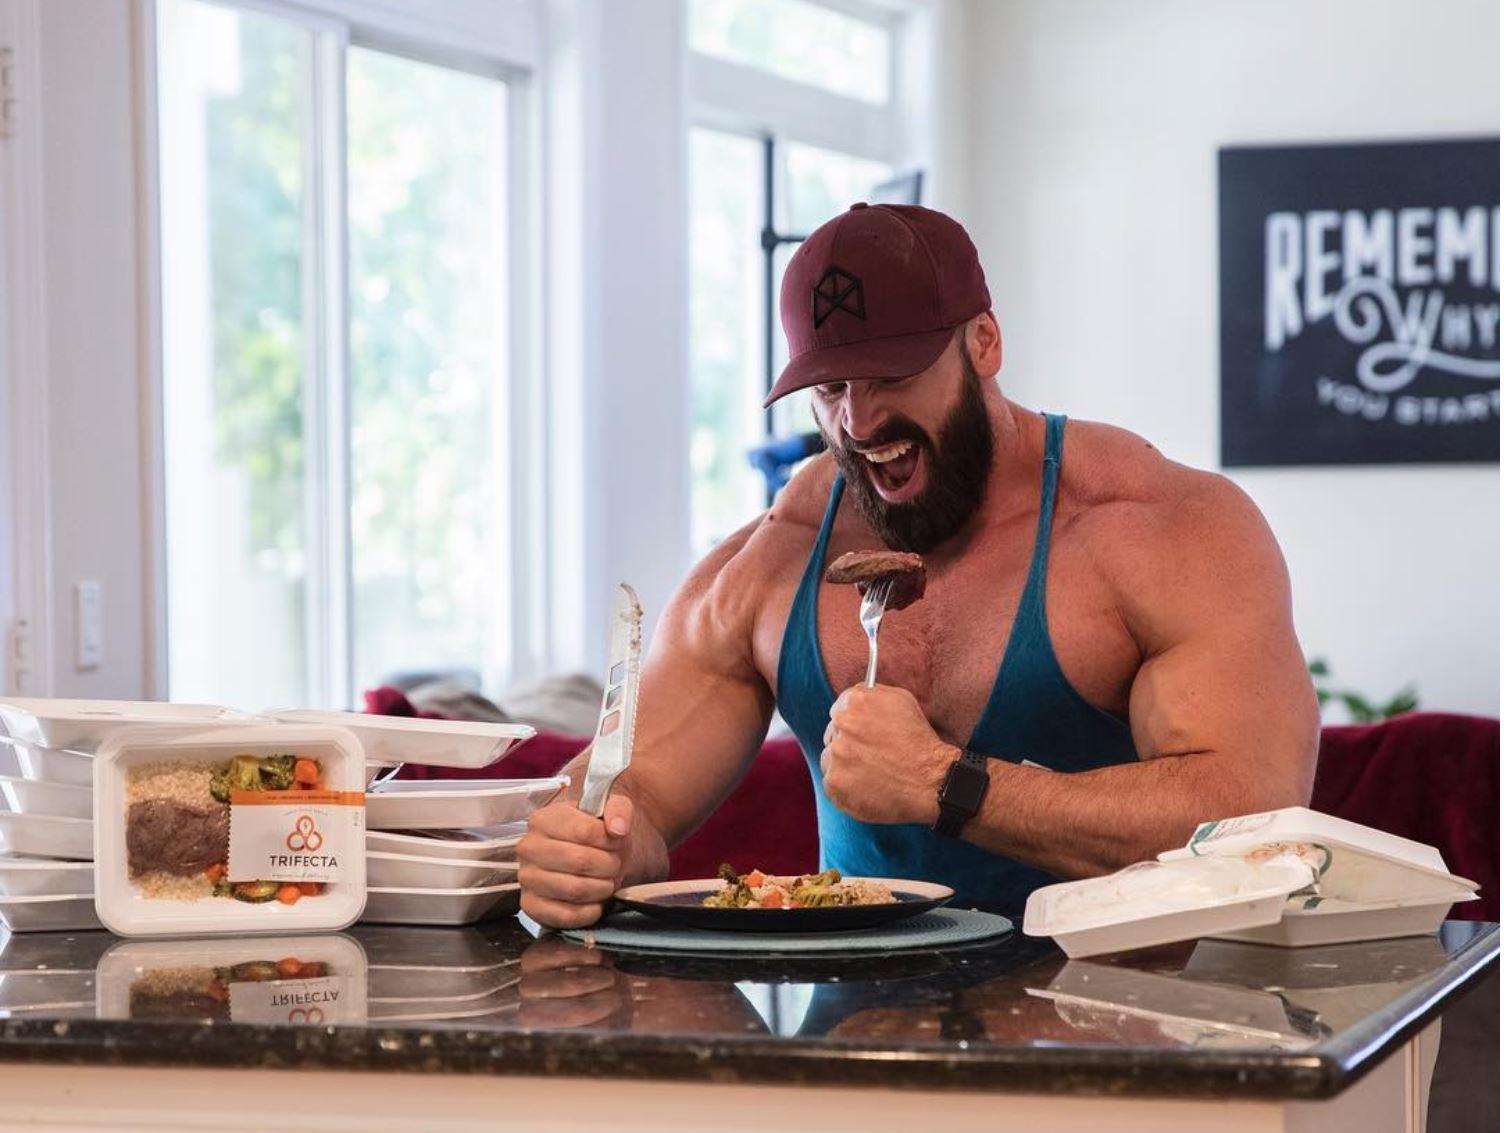 how to gain muscle bradley martyn lean bulk